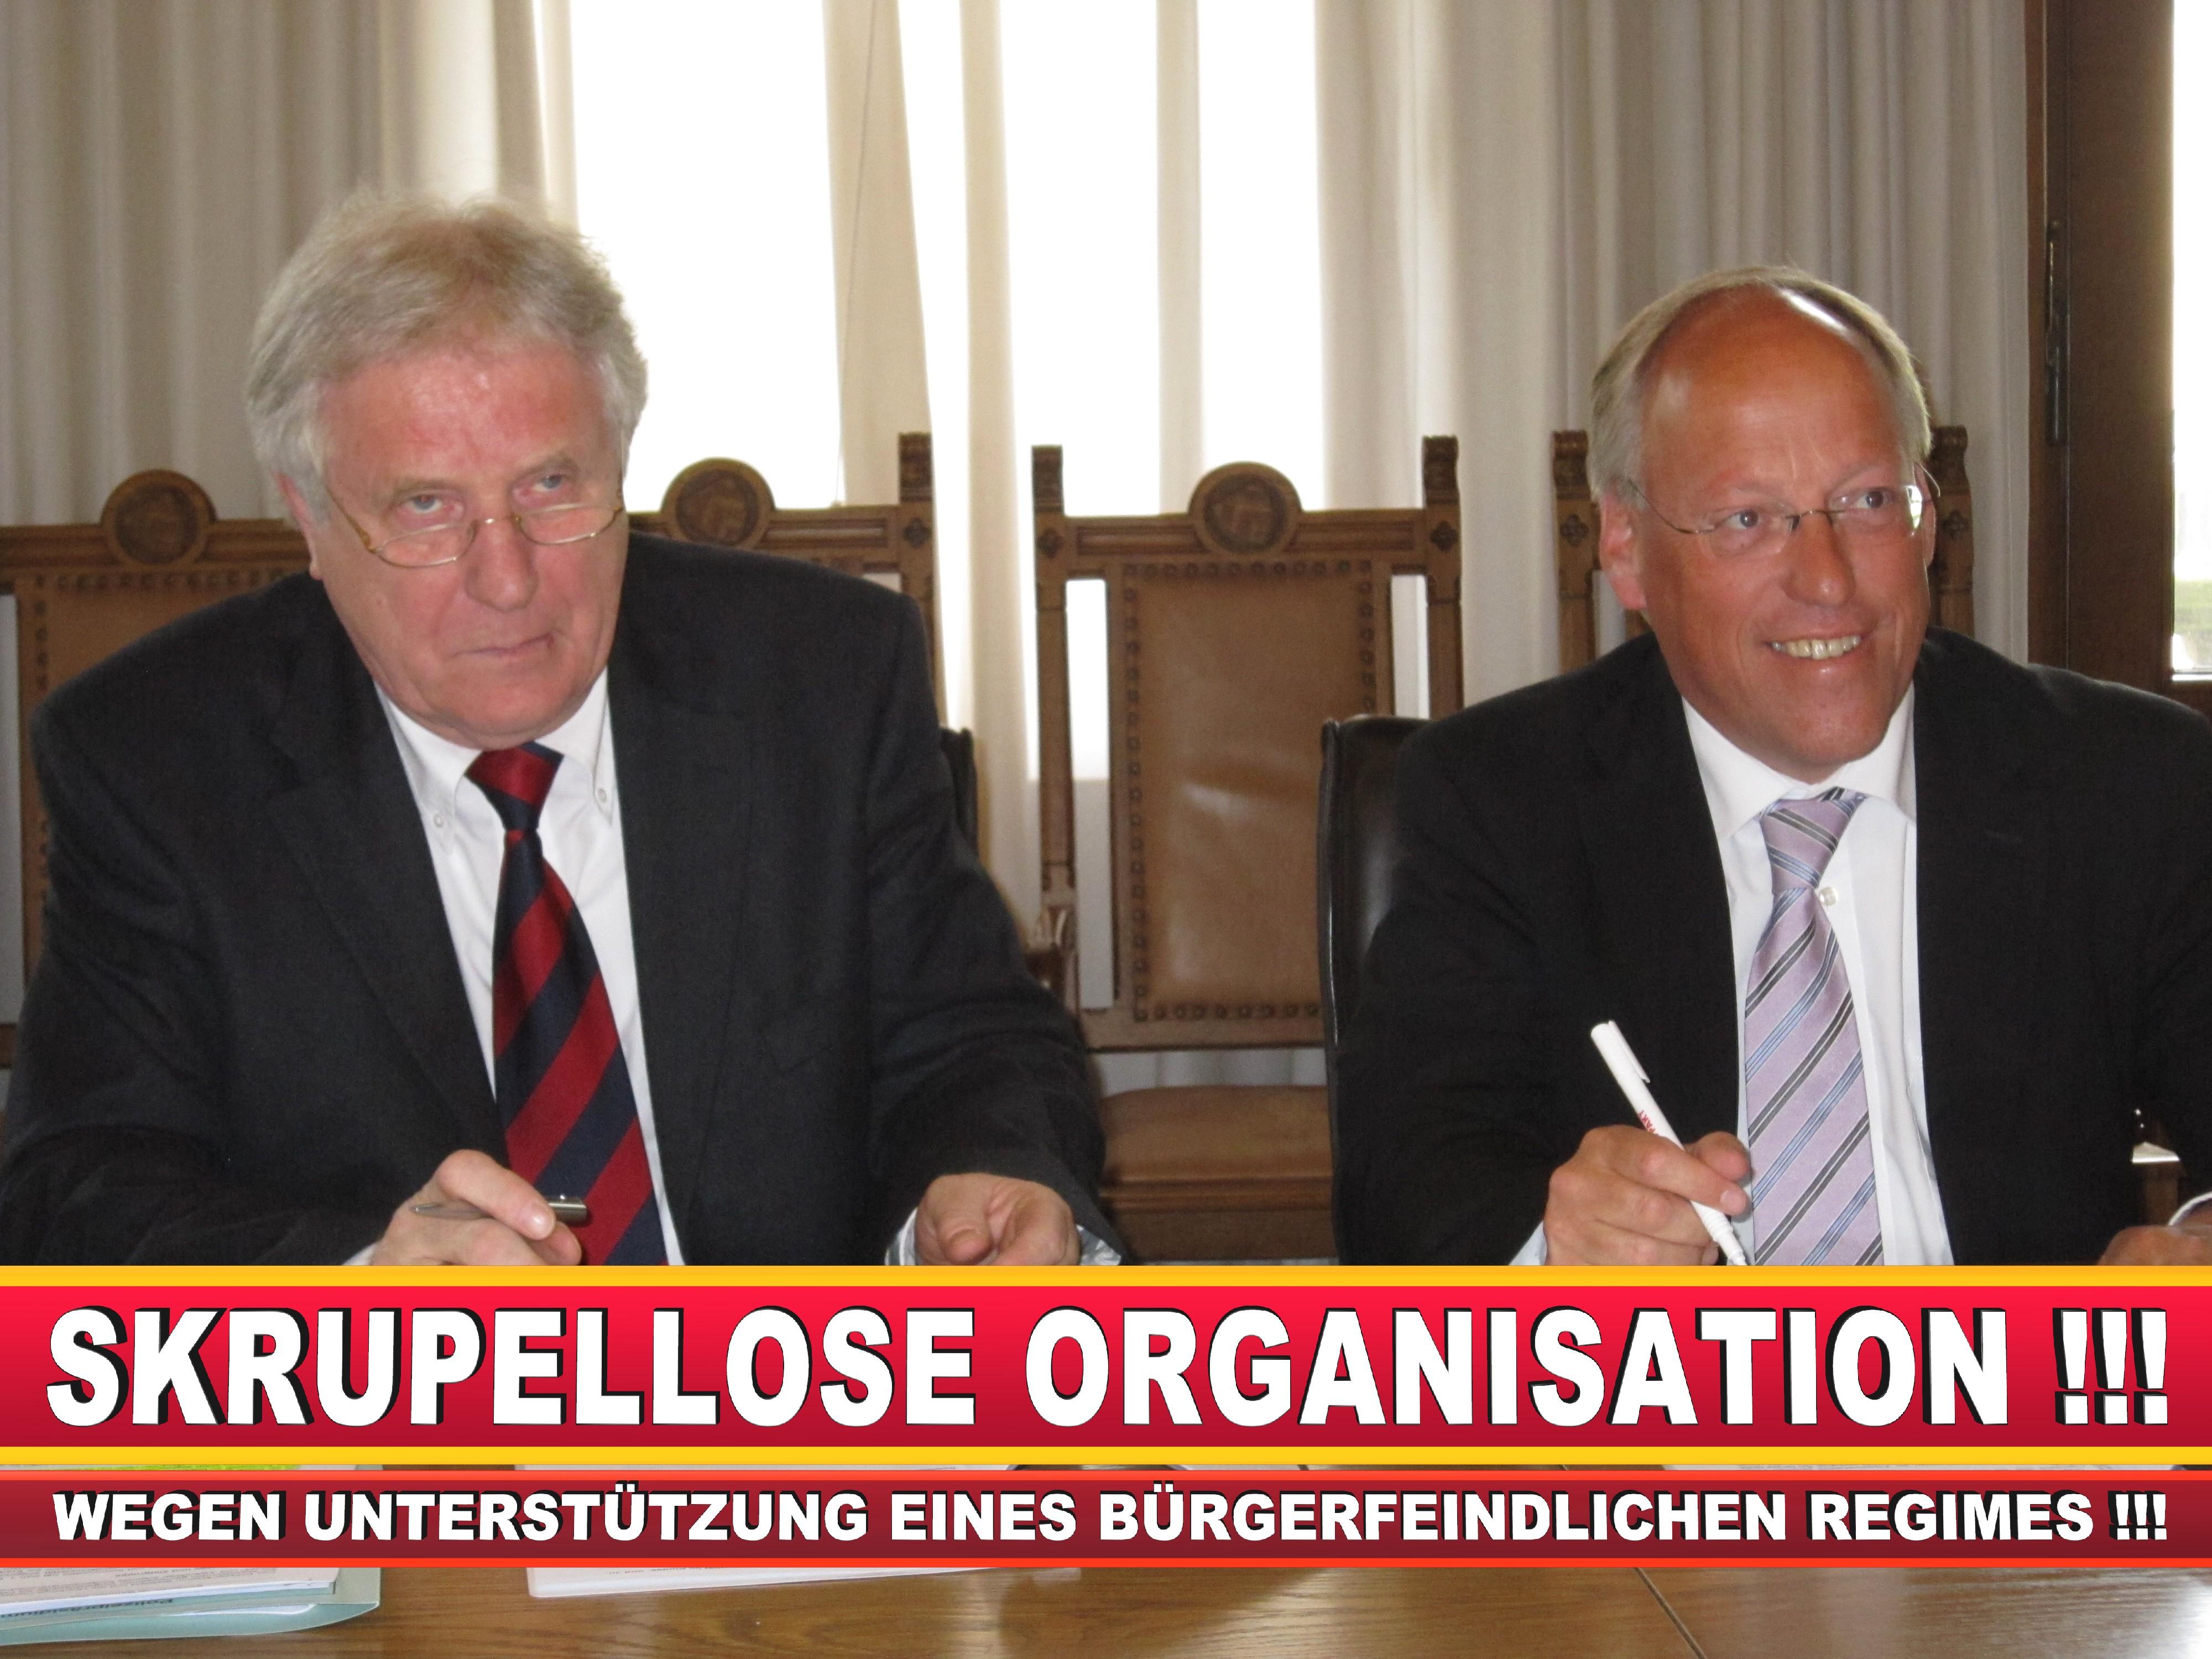 Polizeipräsident Erwin Südfeld Bielefeld Oberbürgermeister Bürgermeister Peter Clausen Pit Clausen Bielefeld (7)